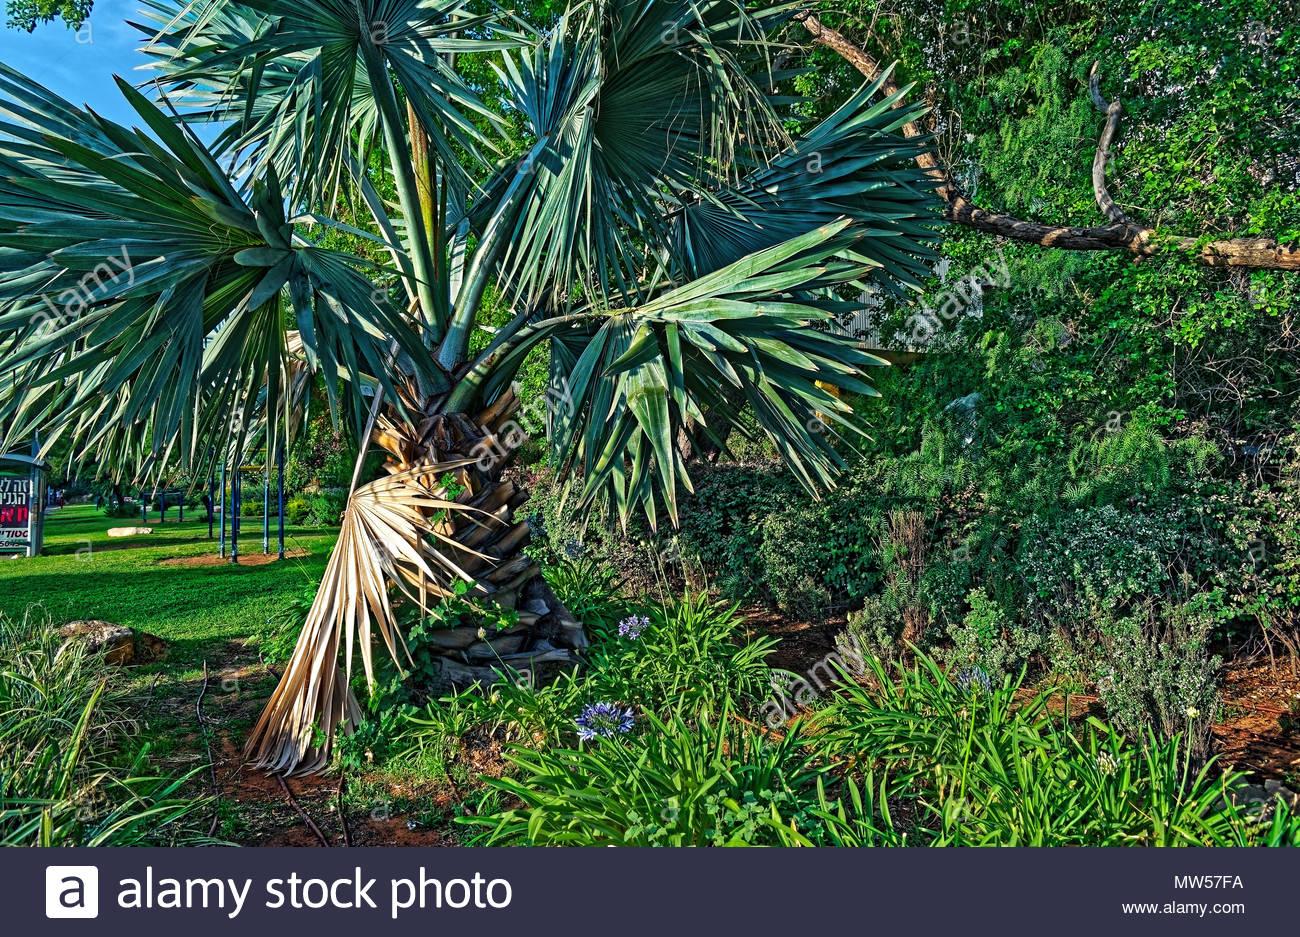 Albero gigante con piante e cespugli al sole può avere una varietà di usi e significati Immagini Stock